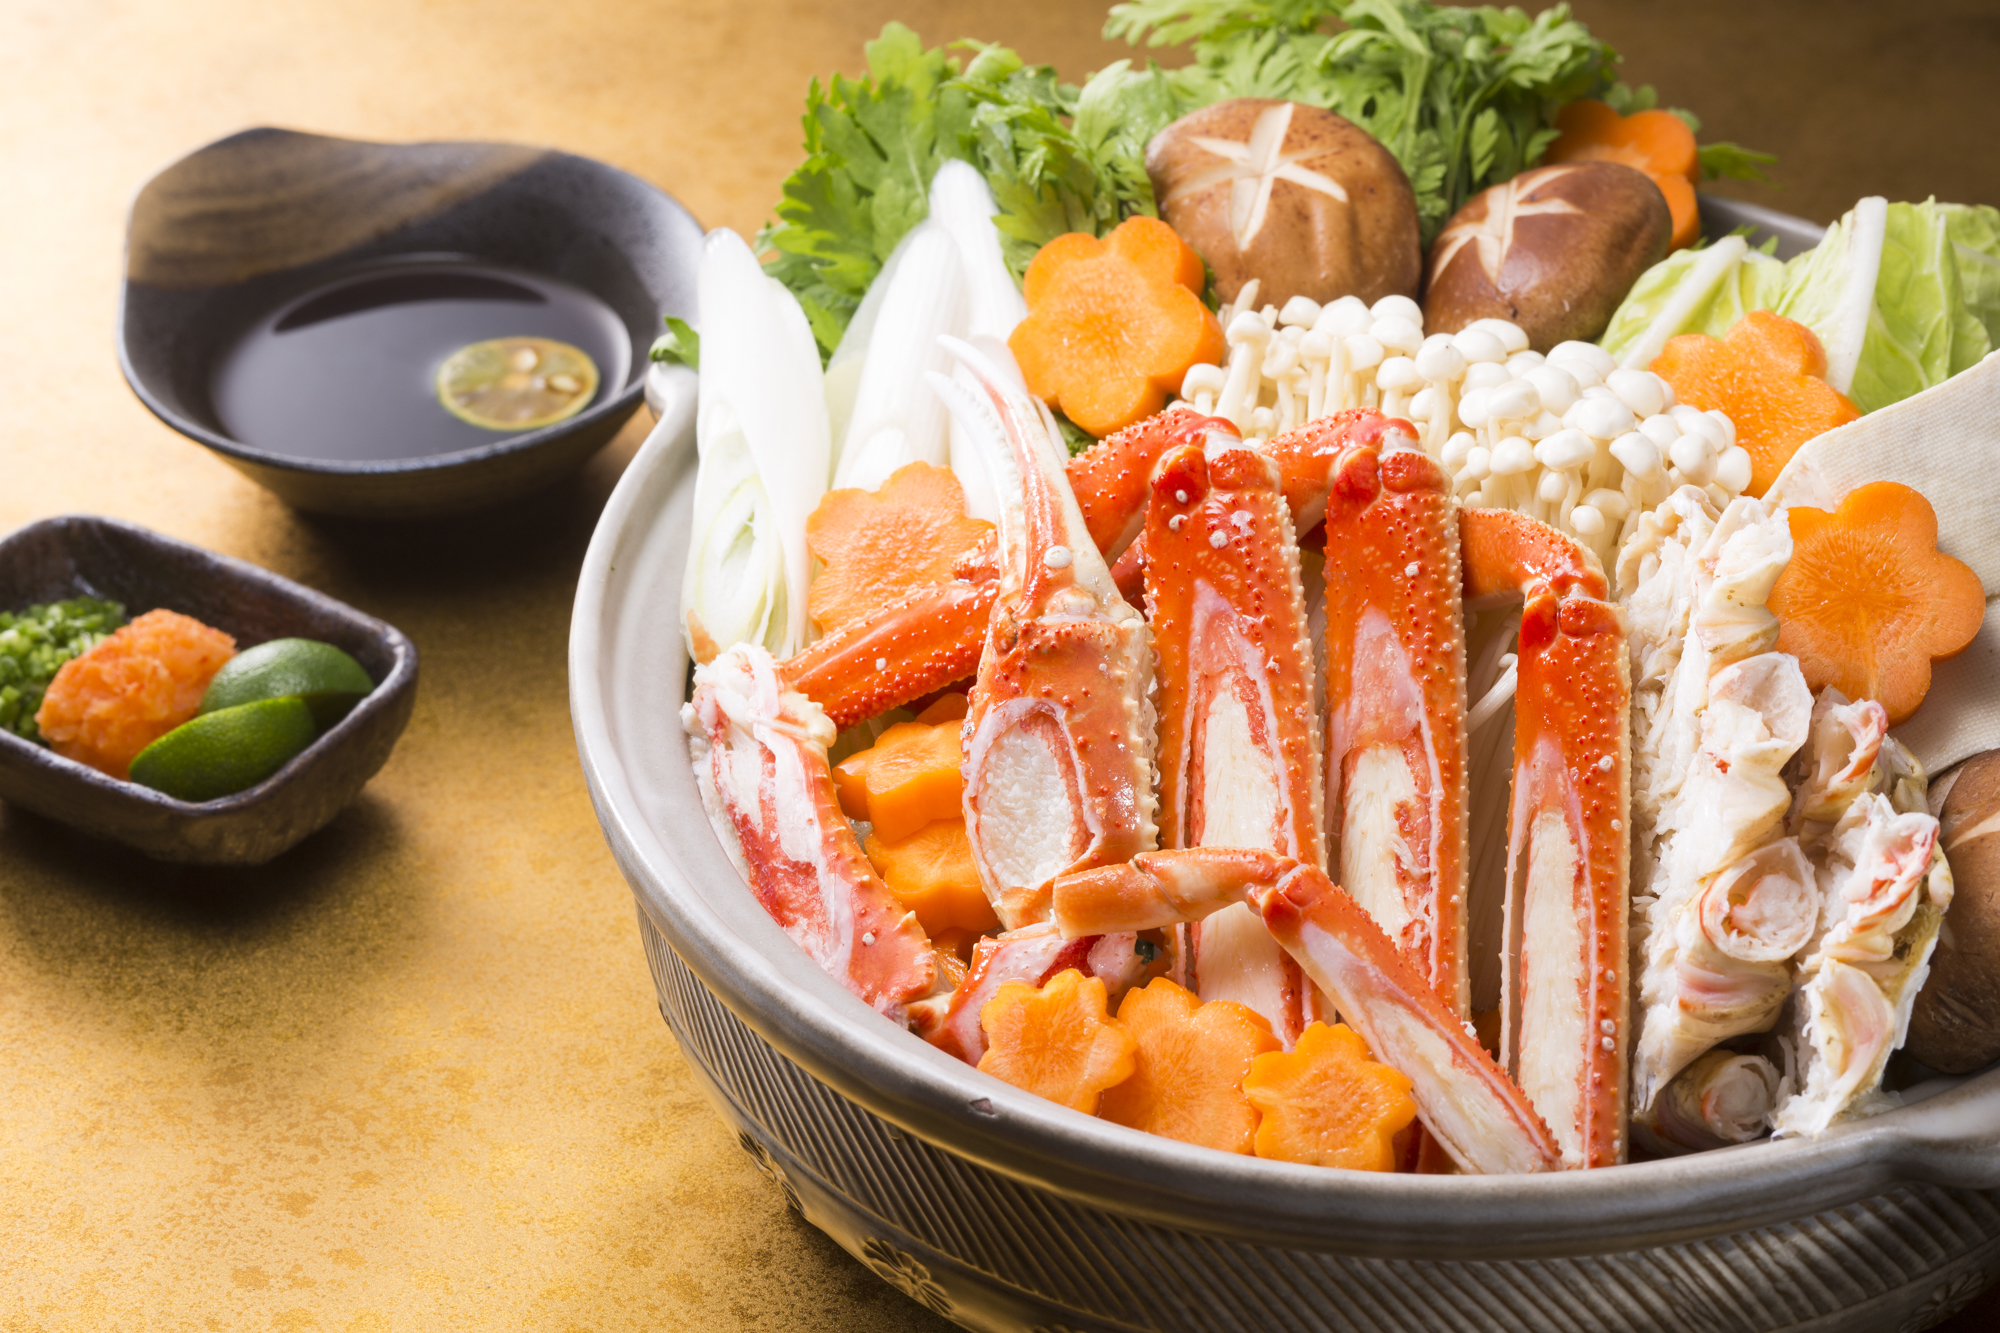 全国発送可能ギフト:幻の蟹 バルダイ種 大ズワイガニ〈鍋用/生冷凍〉